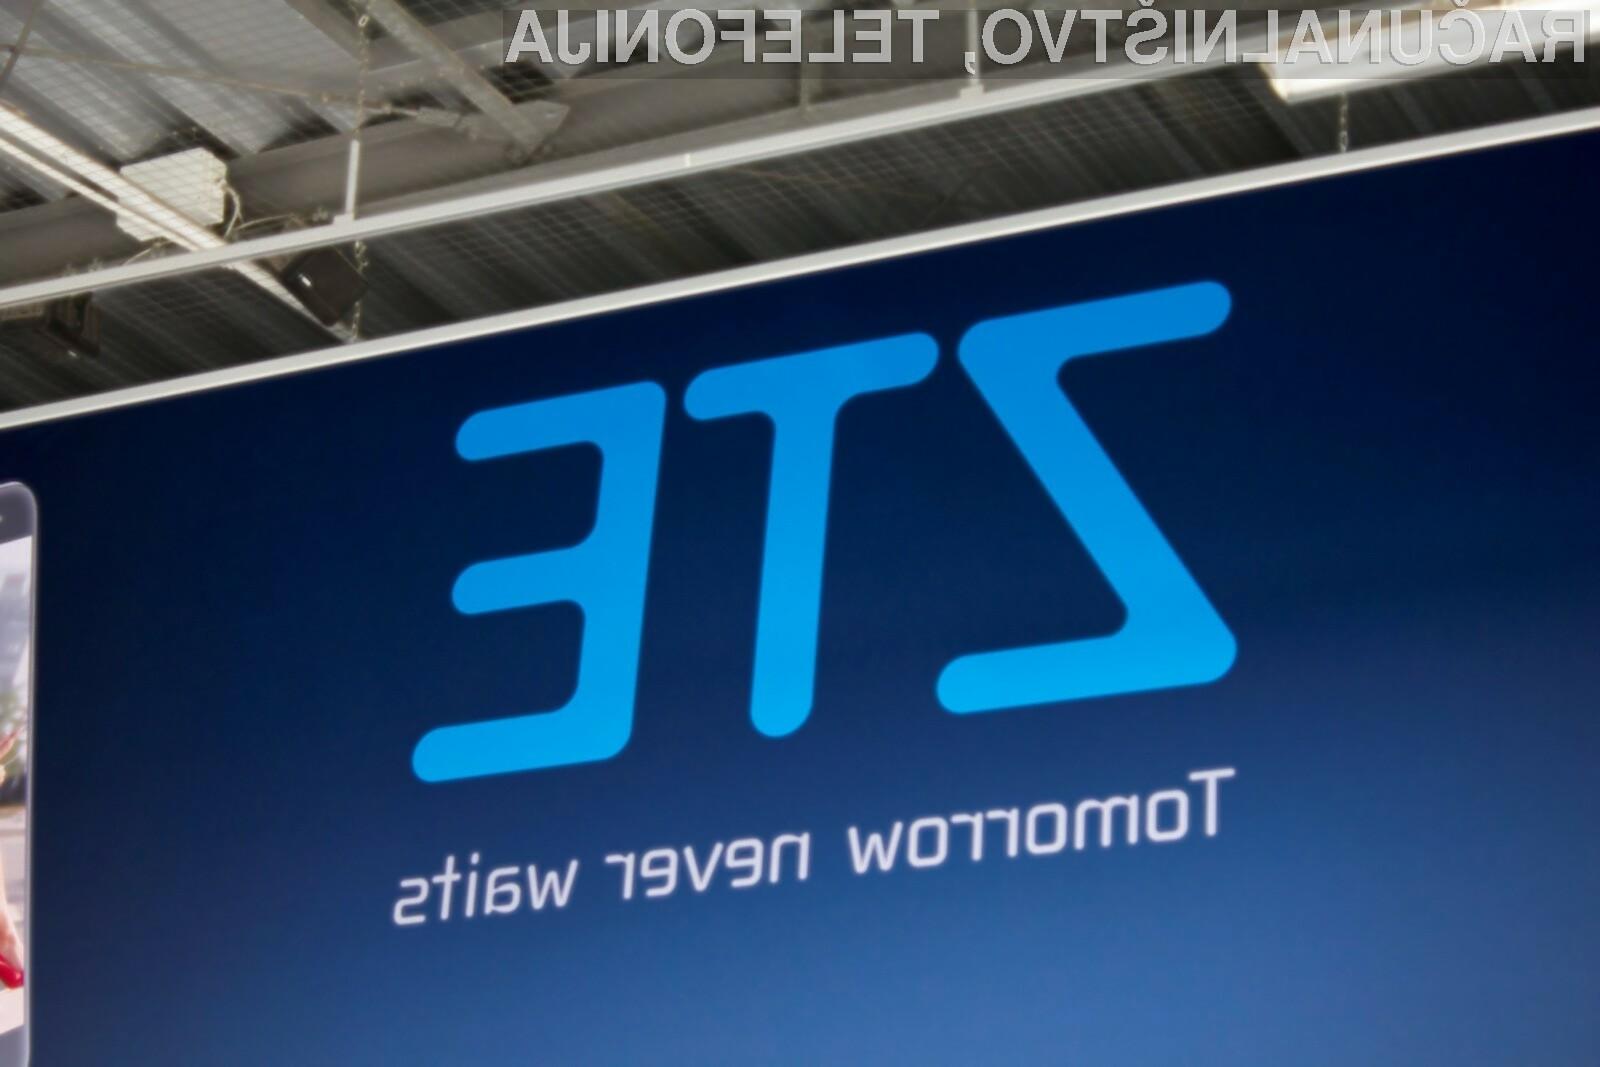 Podjetje ZTE bo verjetno prvo, ki bo ponudilo v prodajo pametni mobilni telefon s podporo mobilnemu omrežju 5G!